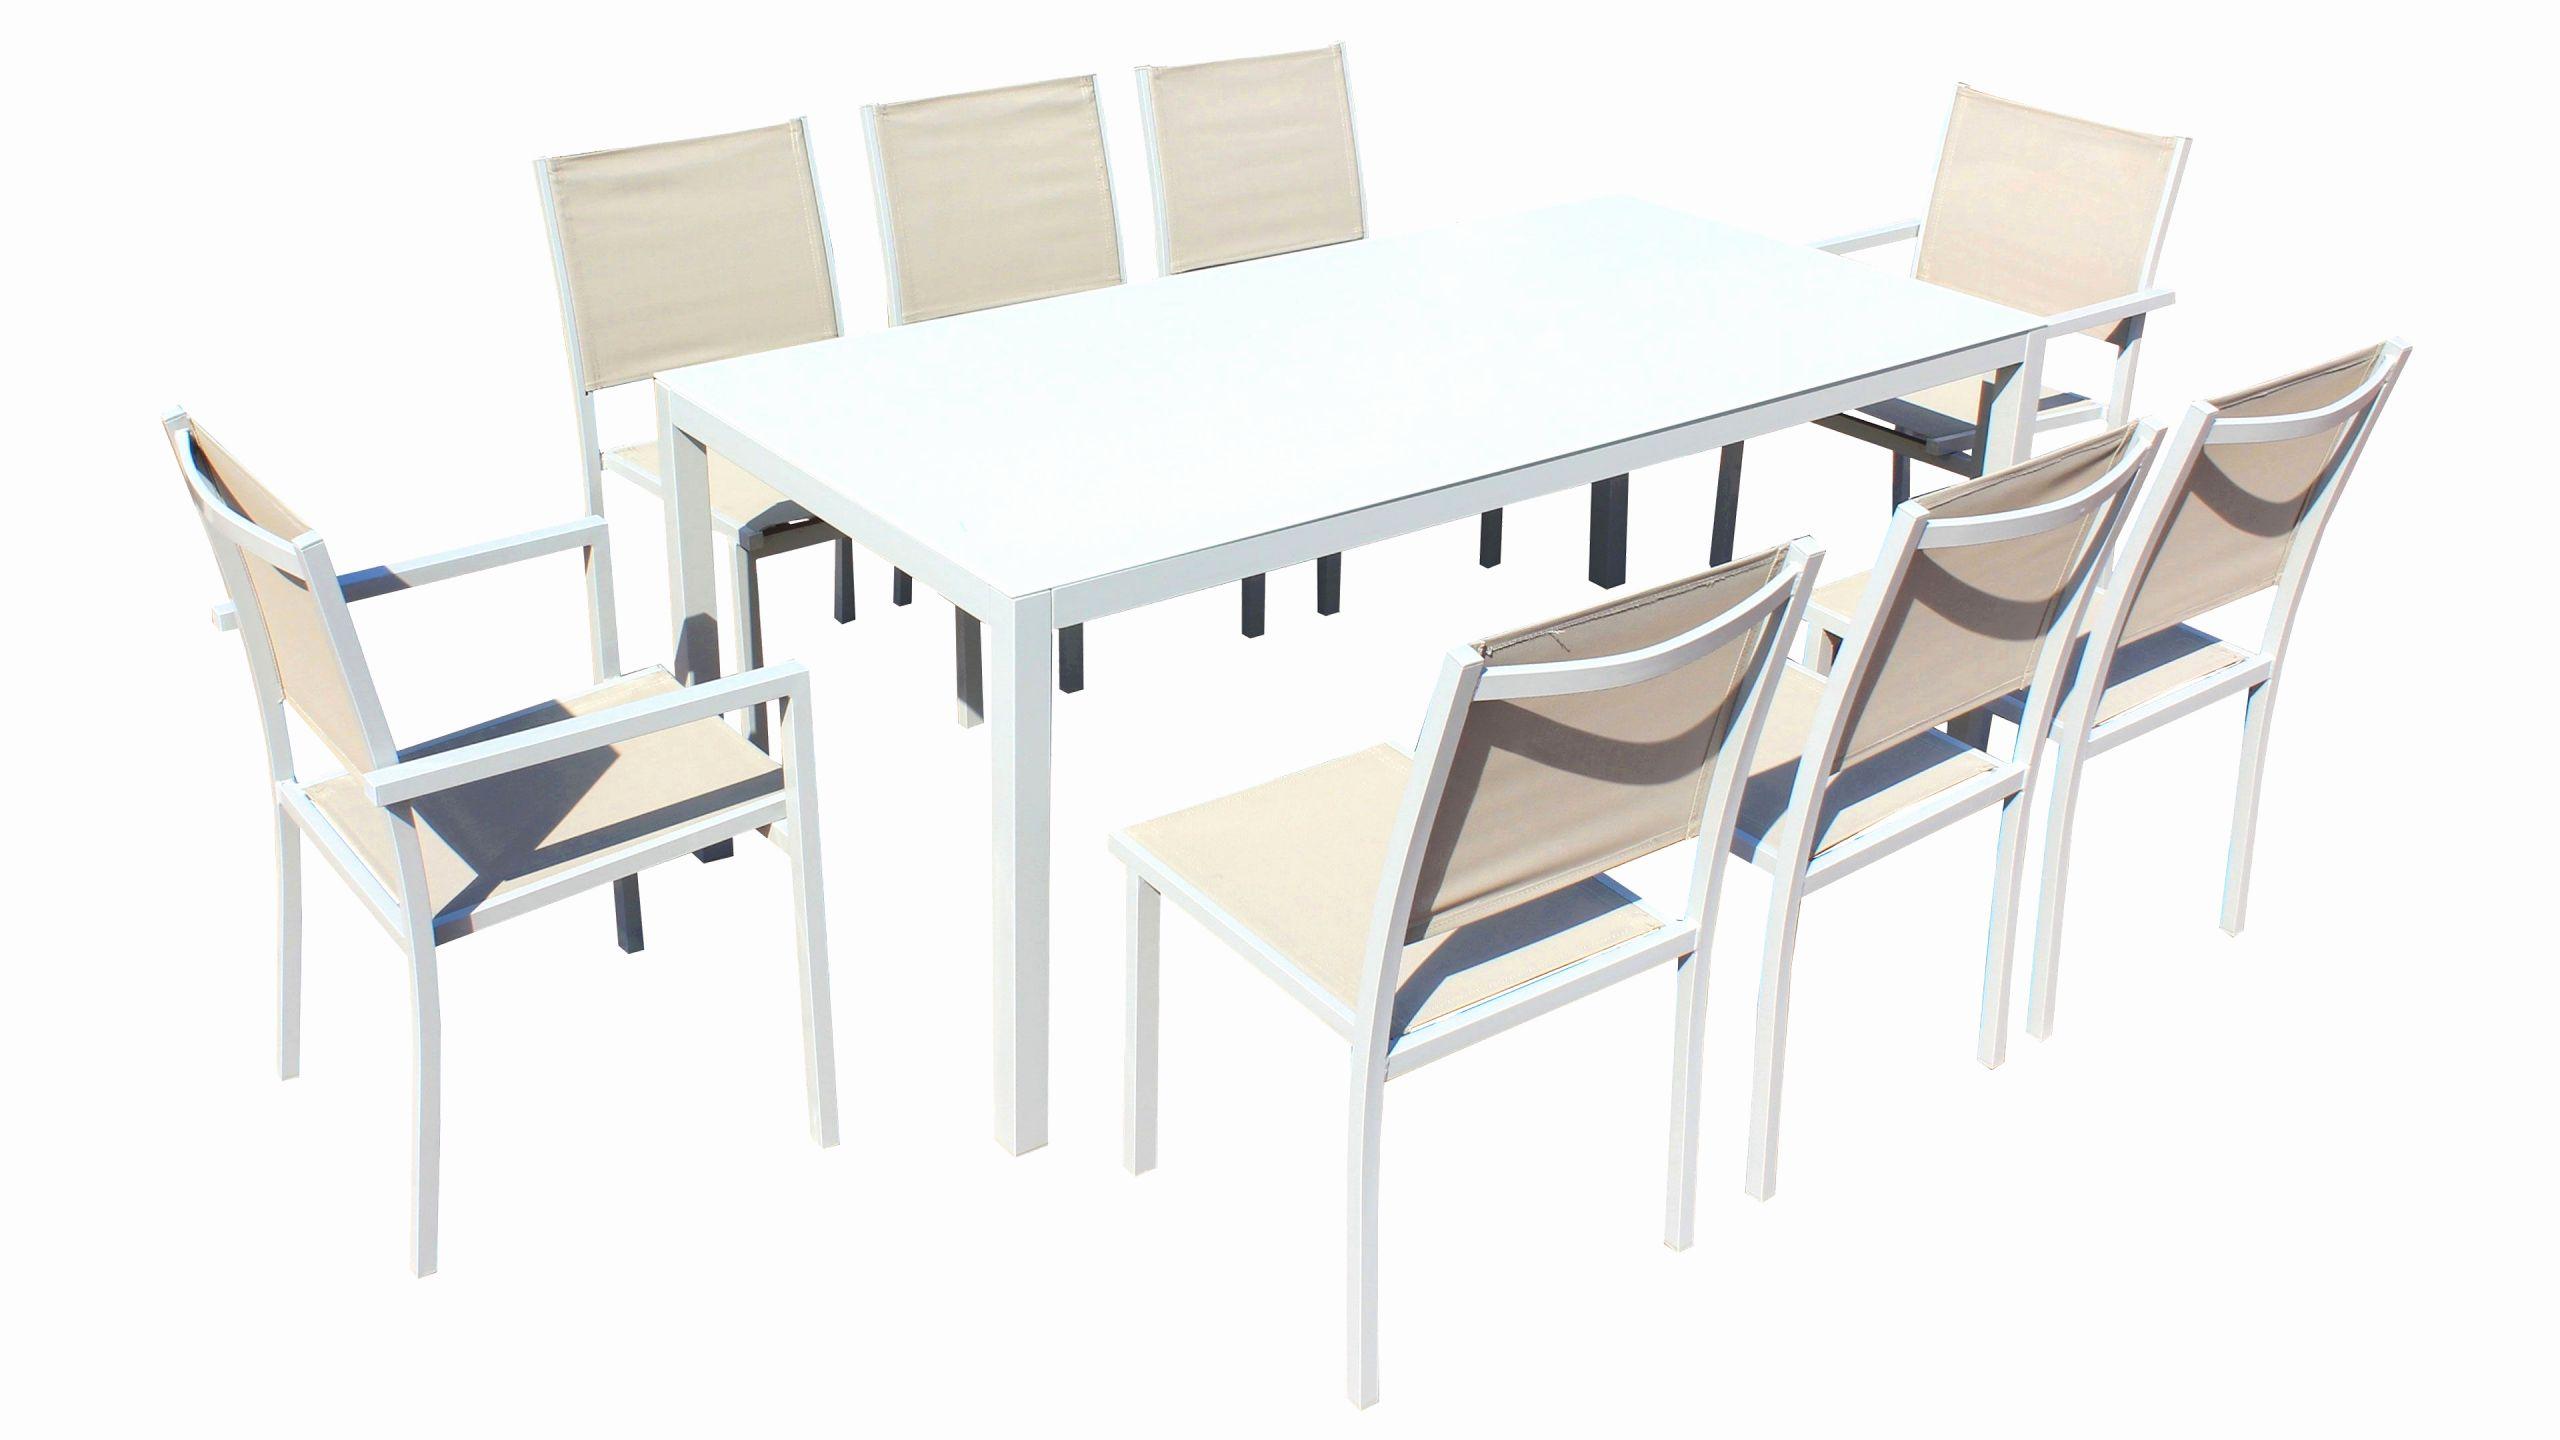 chaise haute grise nouveau table extensible grise nouveau set de table gris unique standard of chaise haute grise